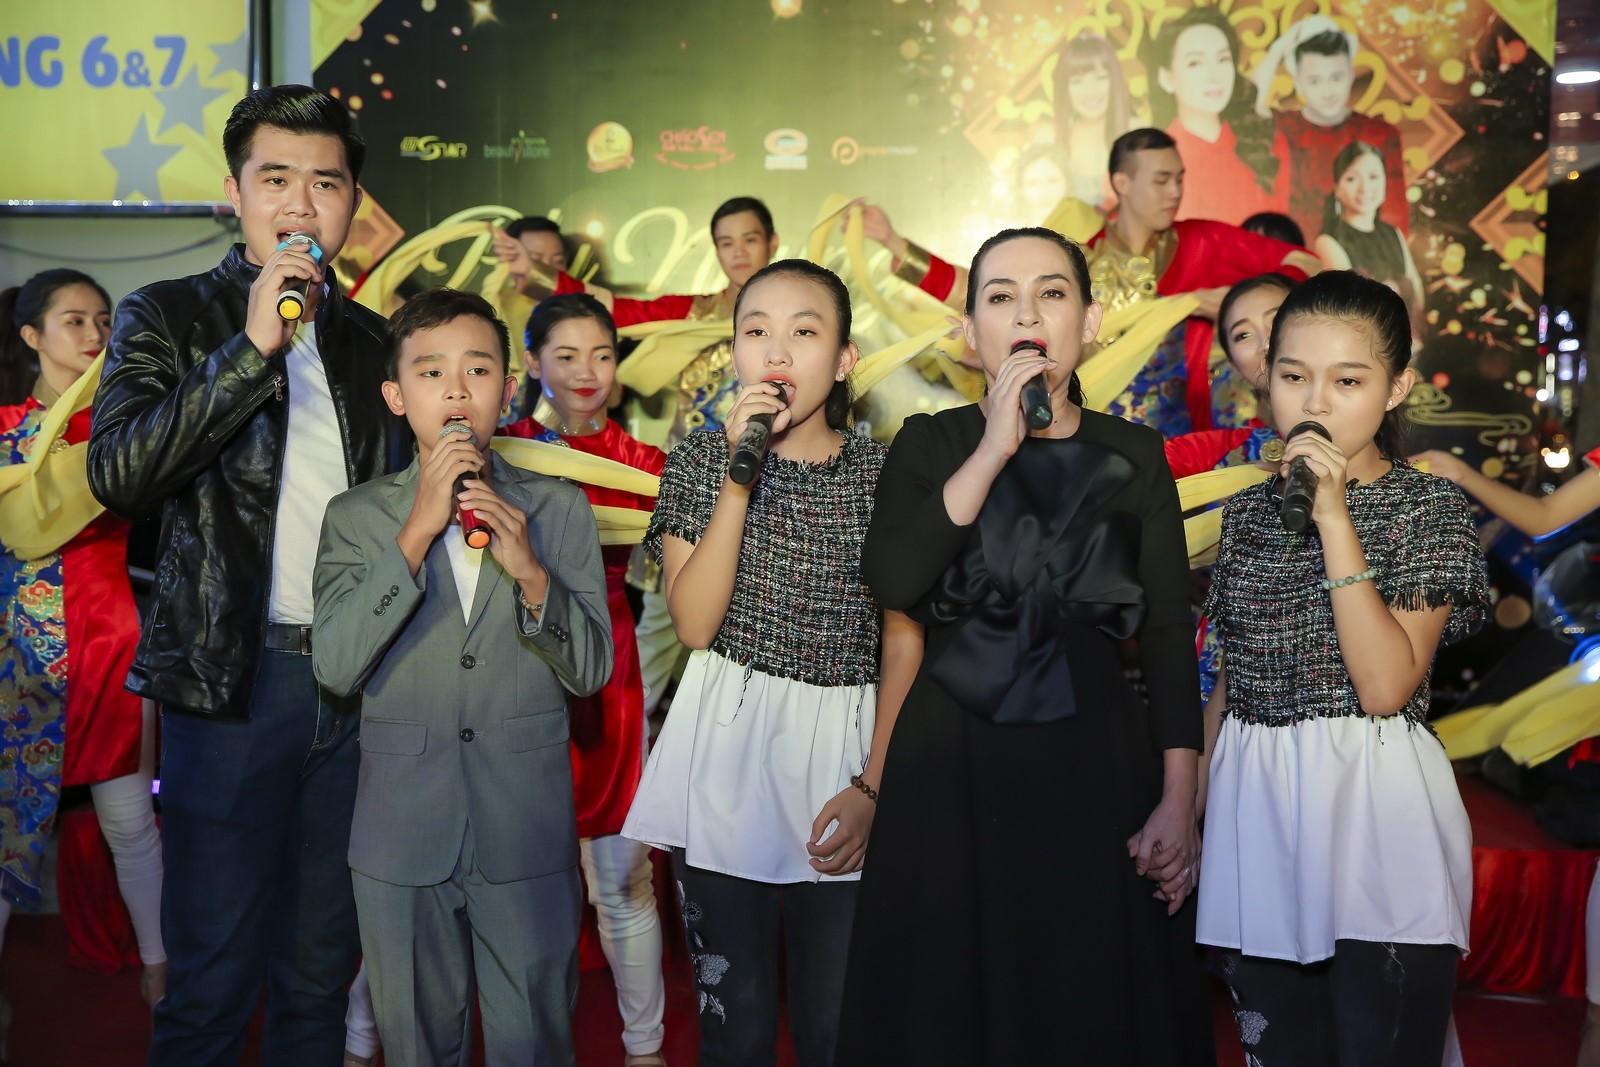 Ngôi sao - Phi Nhung hạnh phúc đưa con gái về nước và tổ chức fan metting